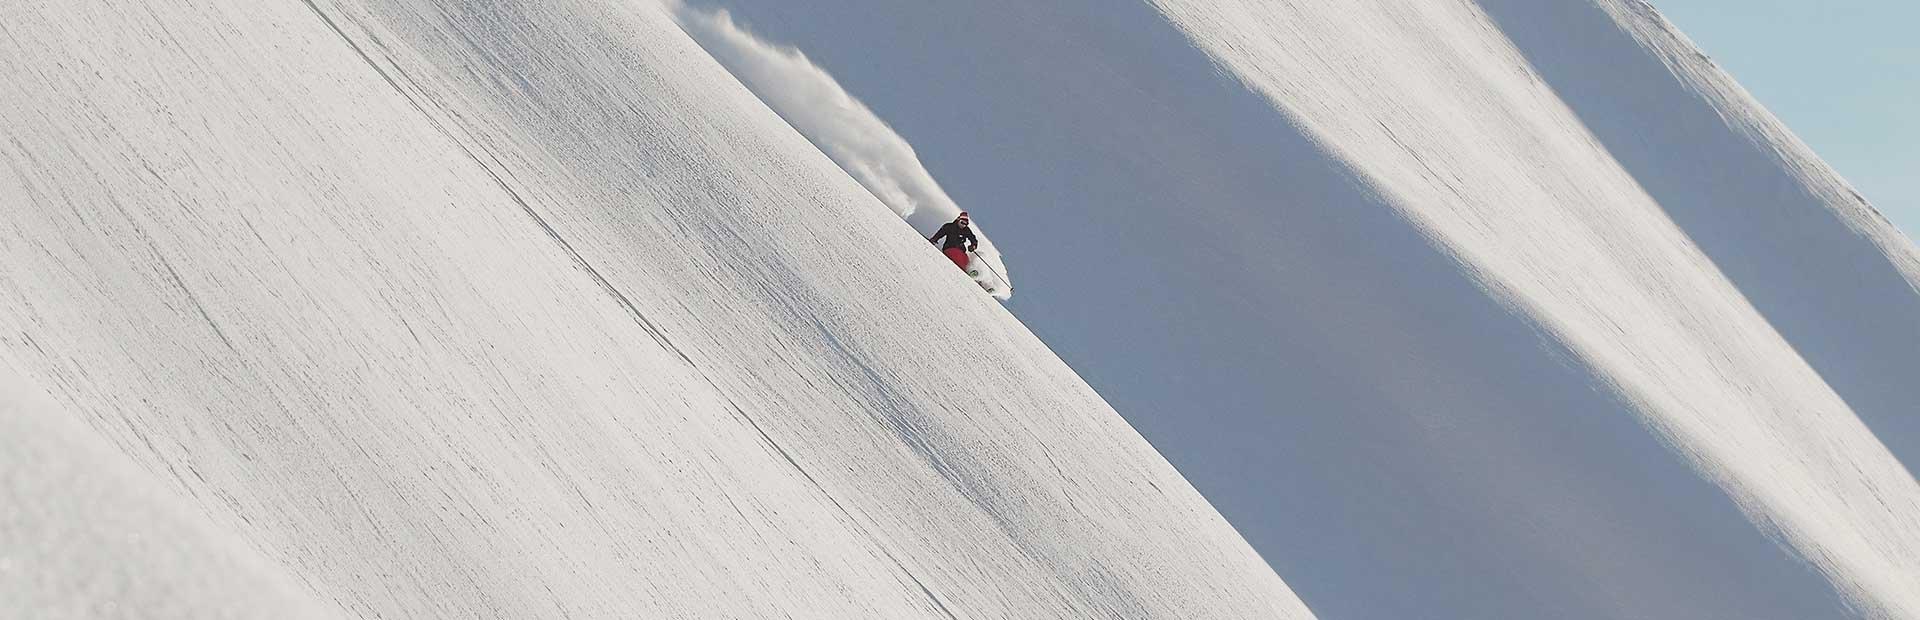 Hochfügen Zillertal Skifahren Pulverschnee